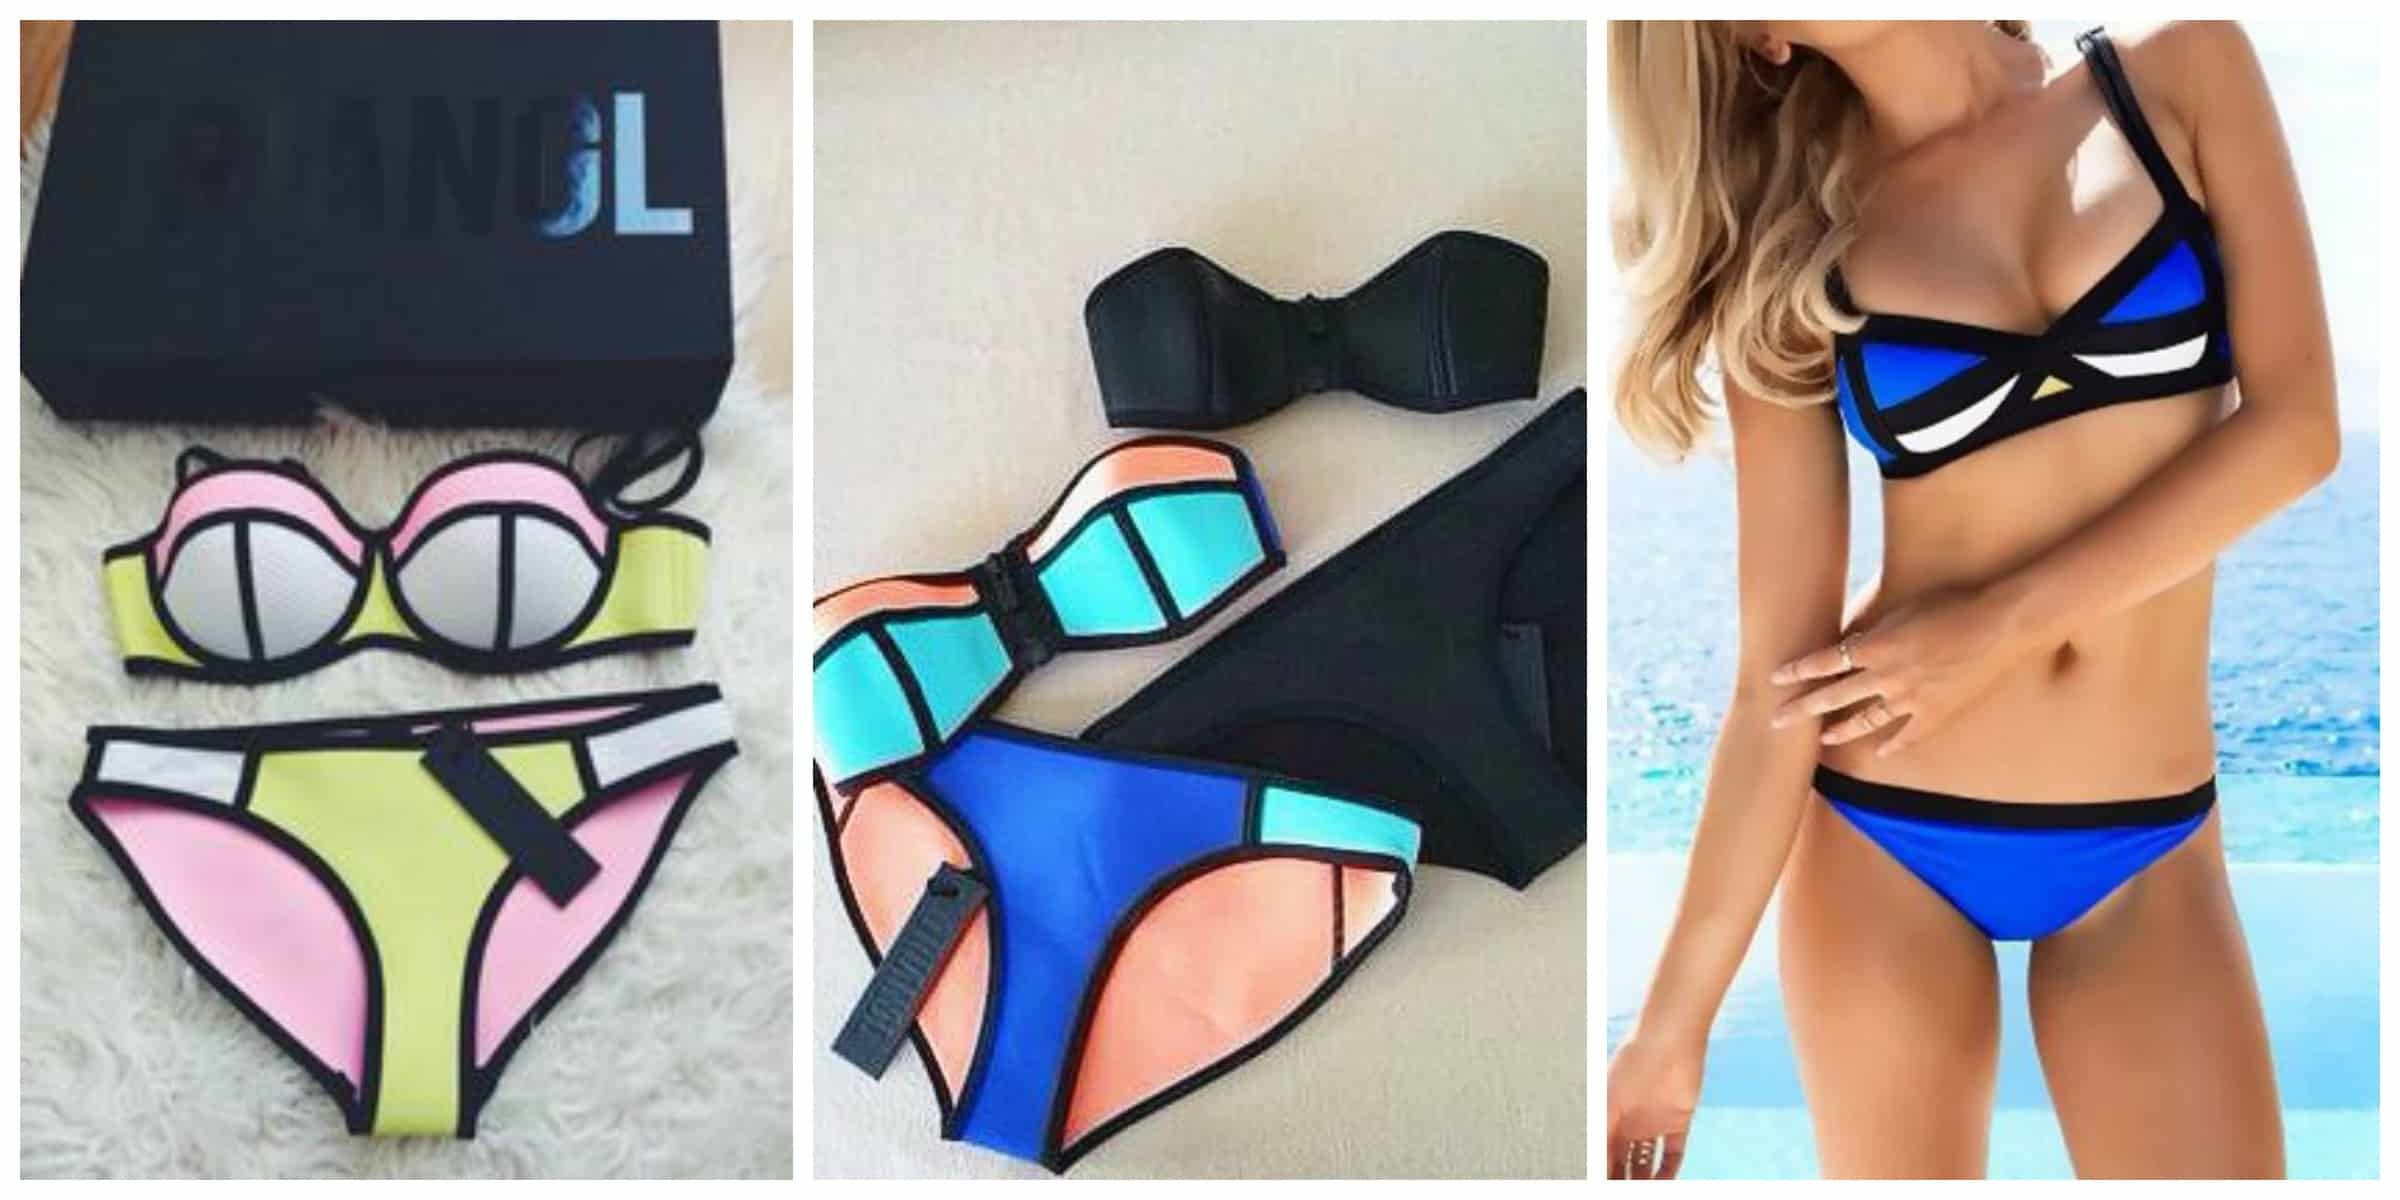 Неоновый цвет снова в моде: неоновые купальники как главный тренд лета 2015